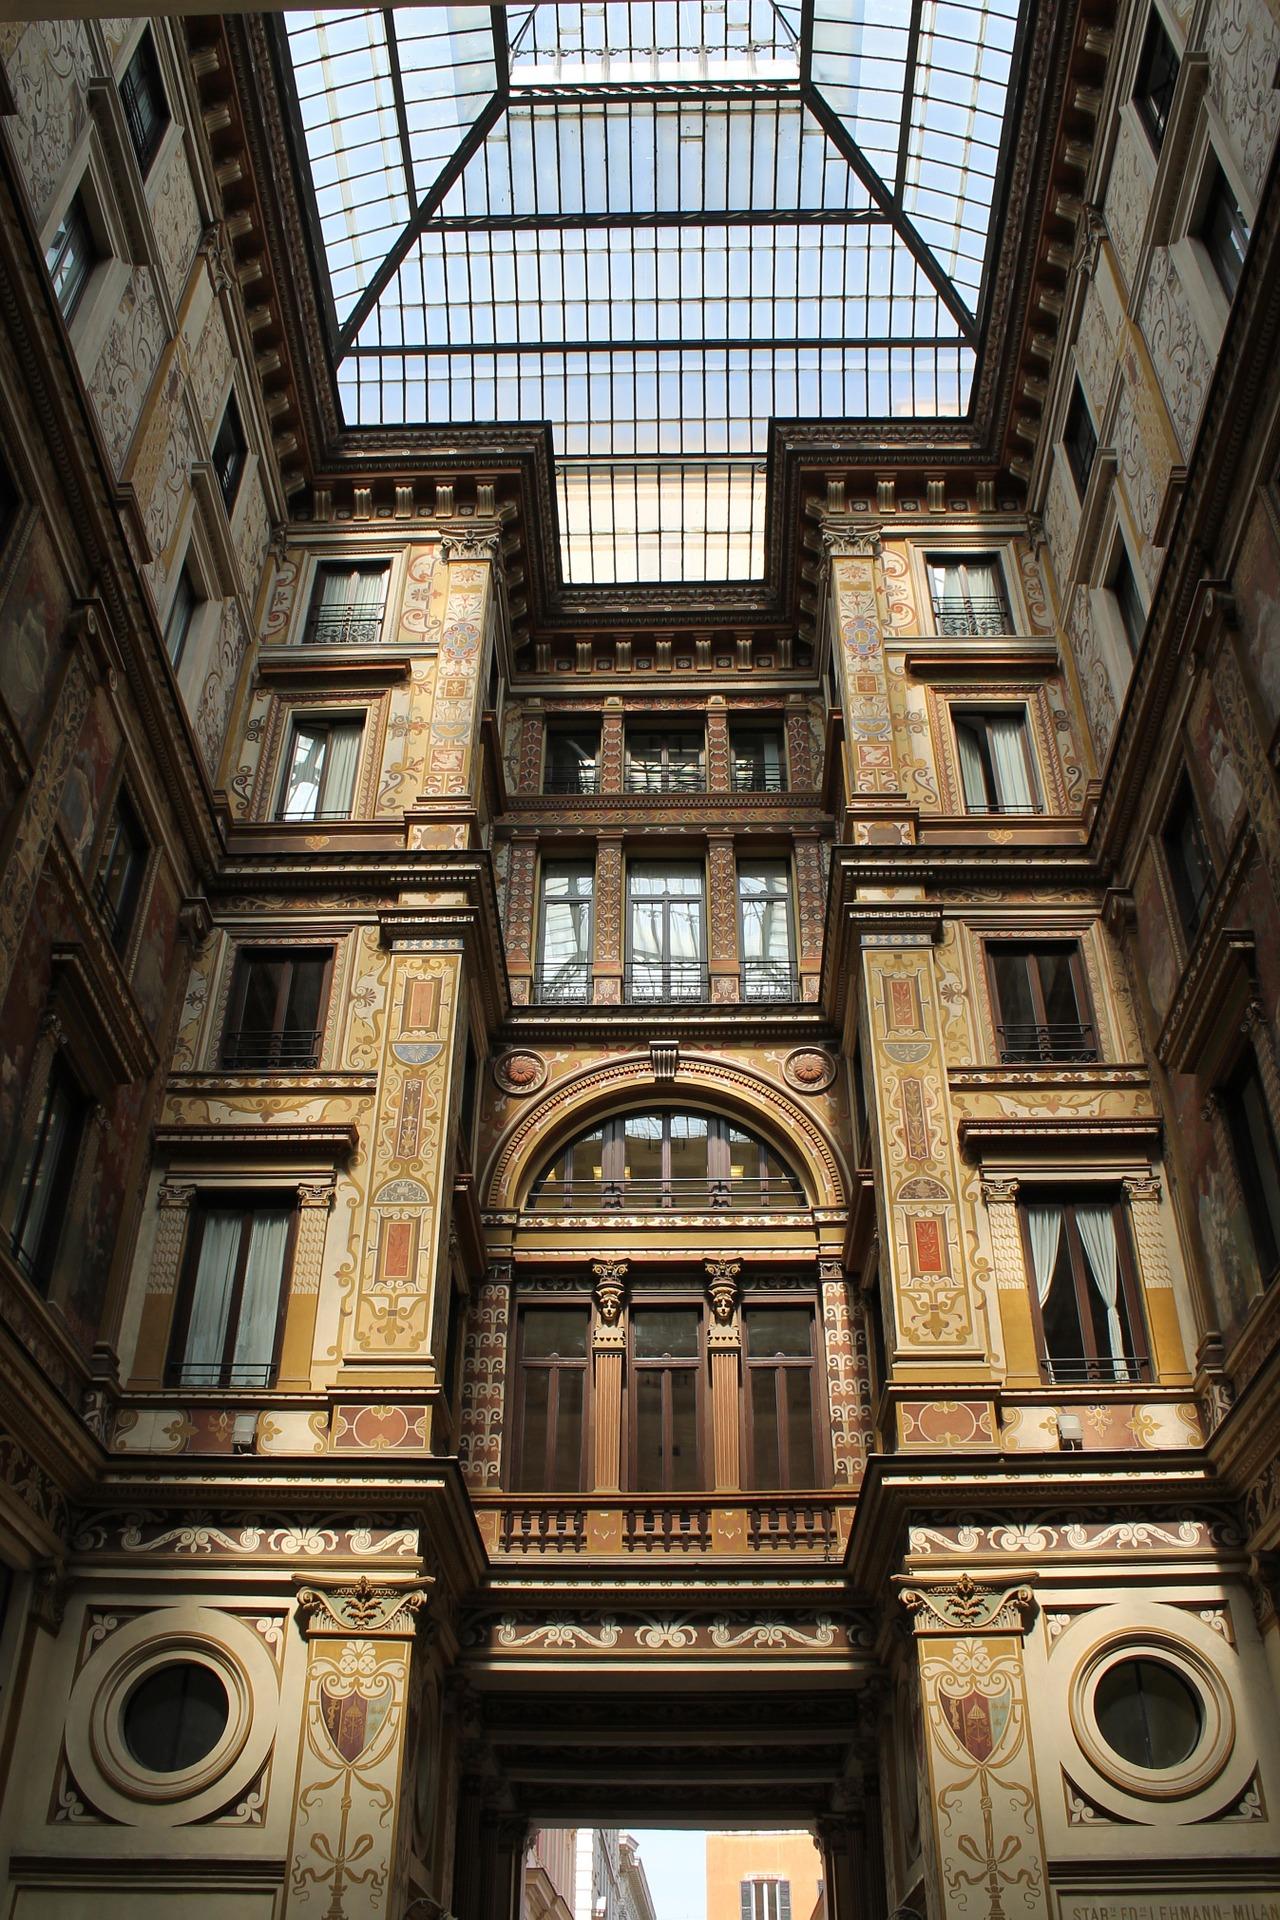 architecture-1245987_1920.jpg